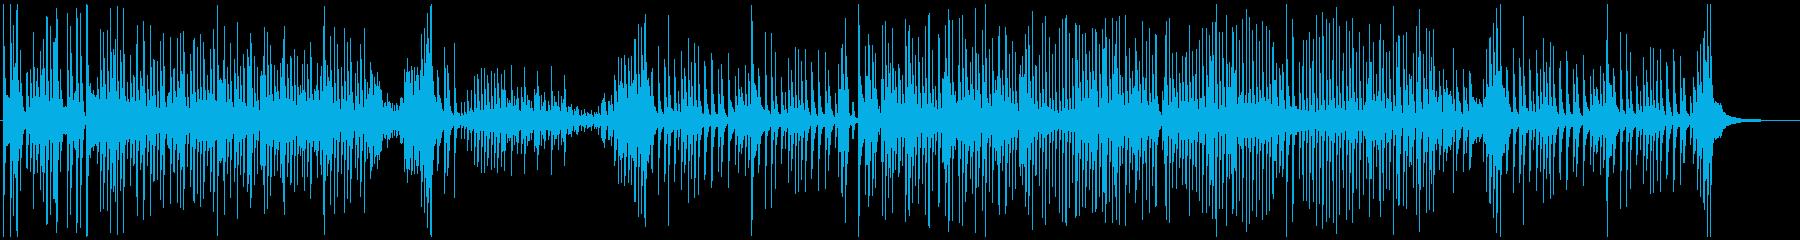 津軽三味線ソロ-B、激しい、疾走、声入りの再生済みの波形